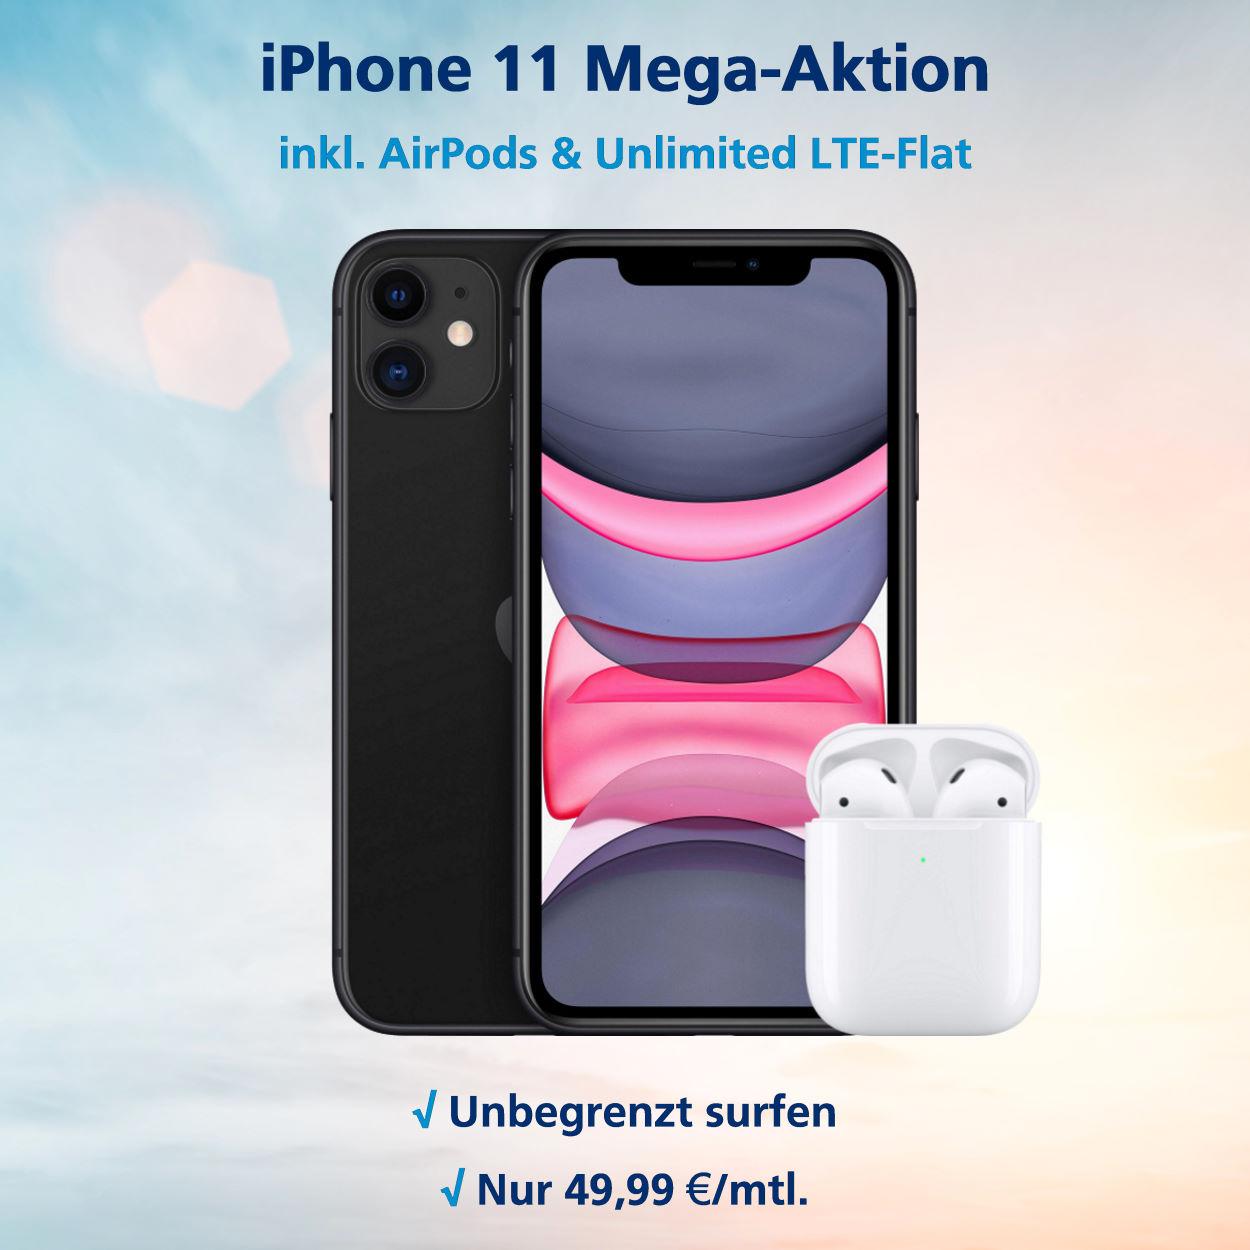 iPhone 11 mit Airpods 2 und o2 Free Unlimited Max zum Tiefstpreis